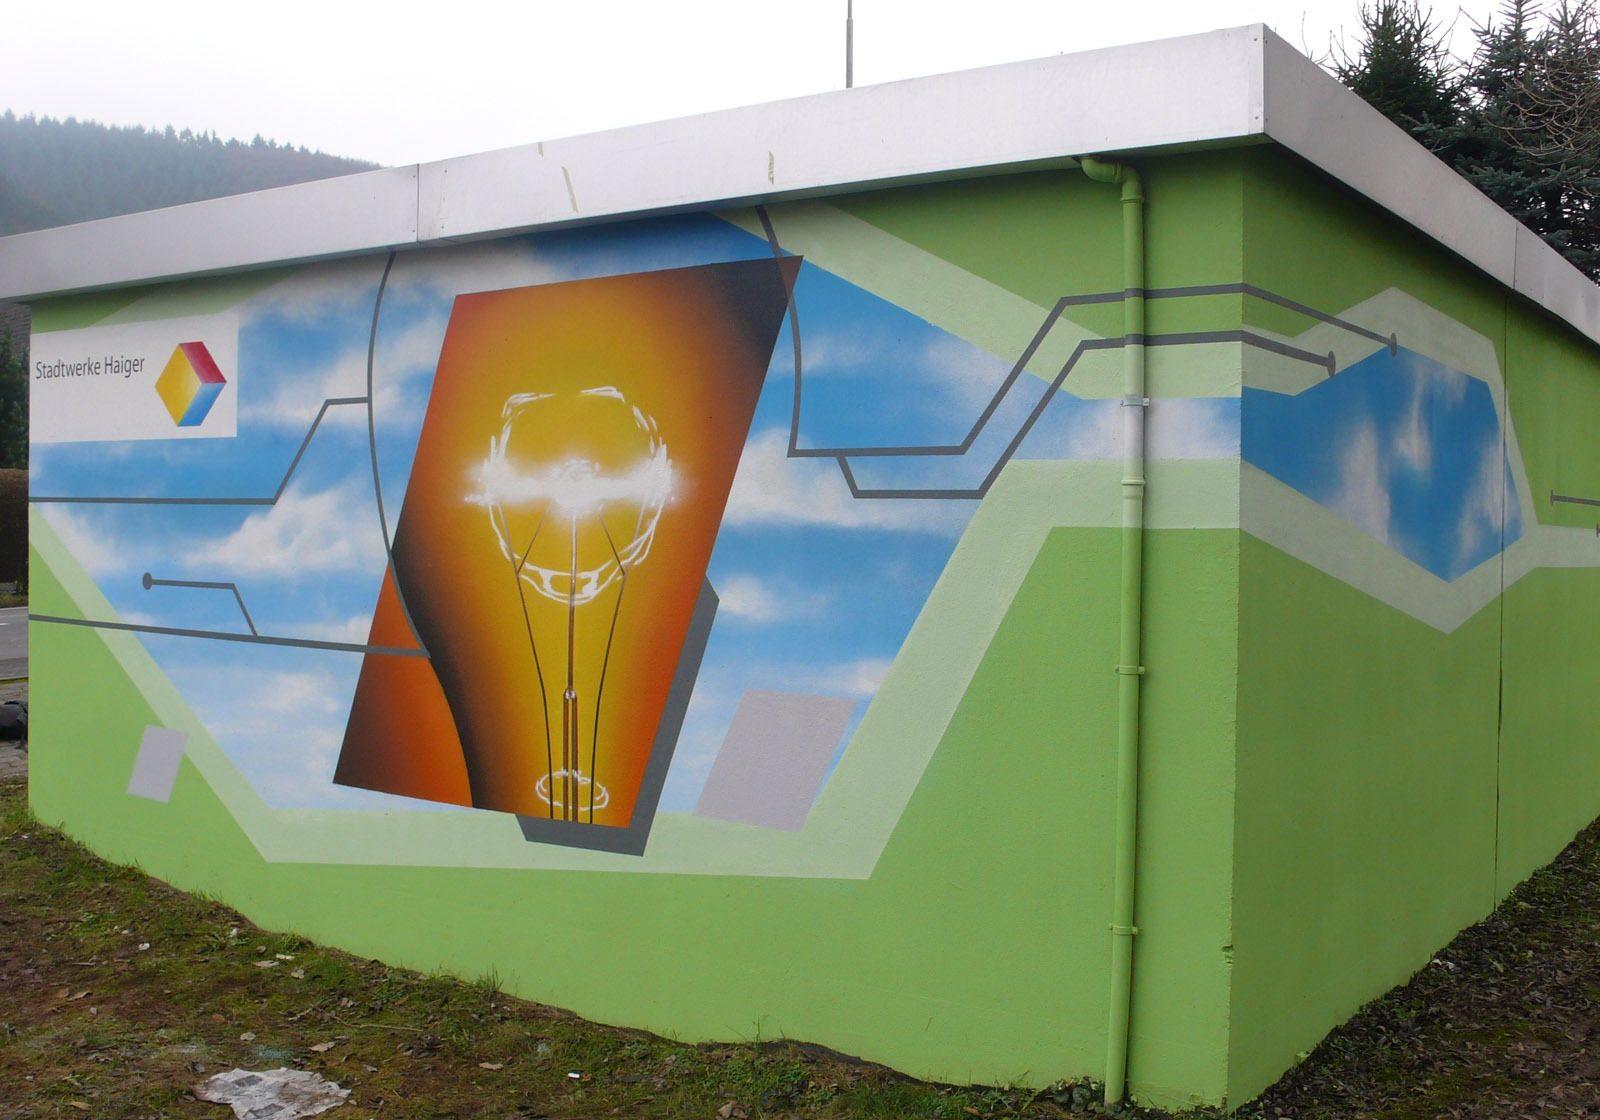 graffitiauftrag-graffitikuenstler-artmos4-stadtwerke-haiger-fotorealistisch-grafisch-energie